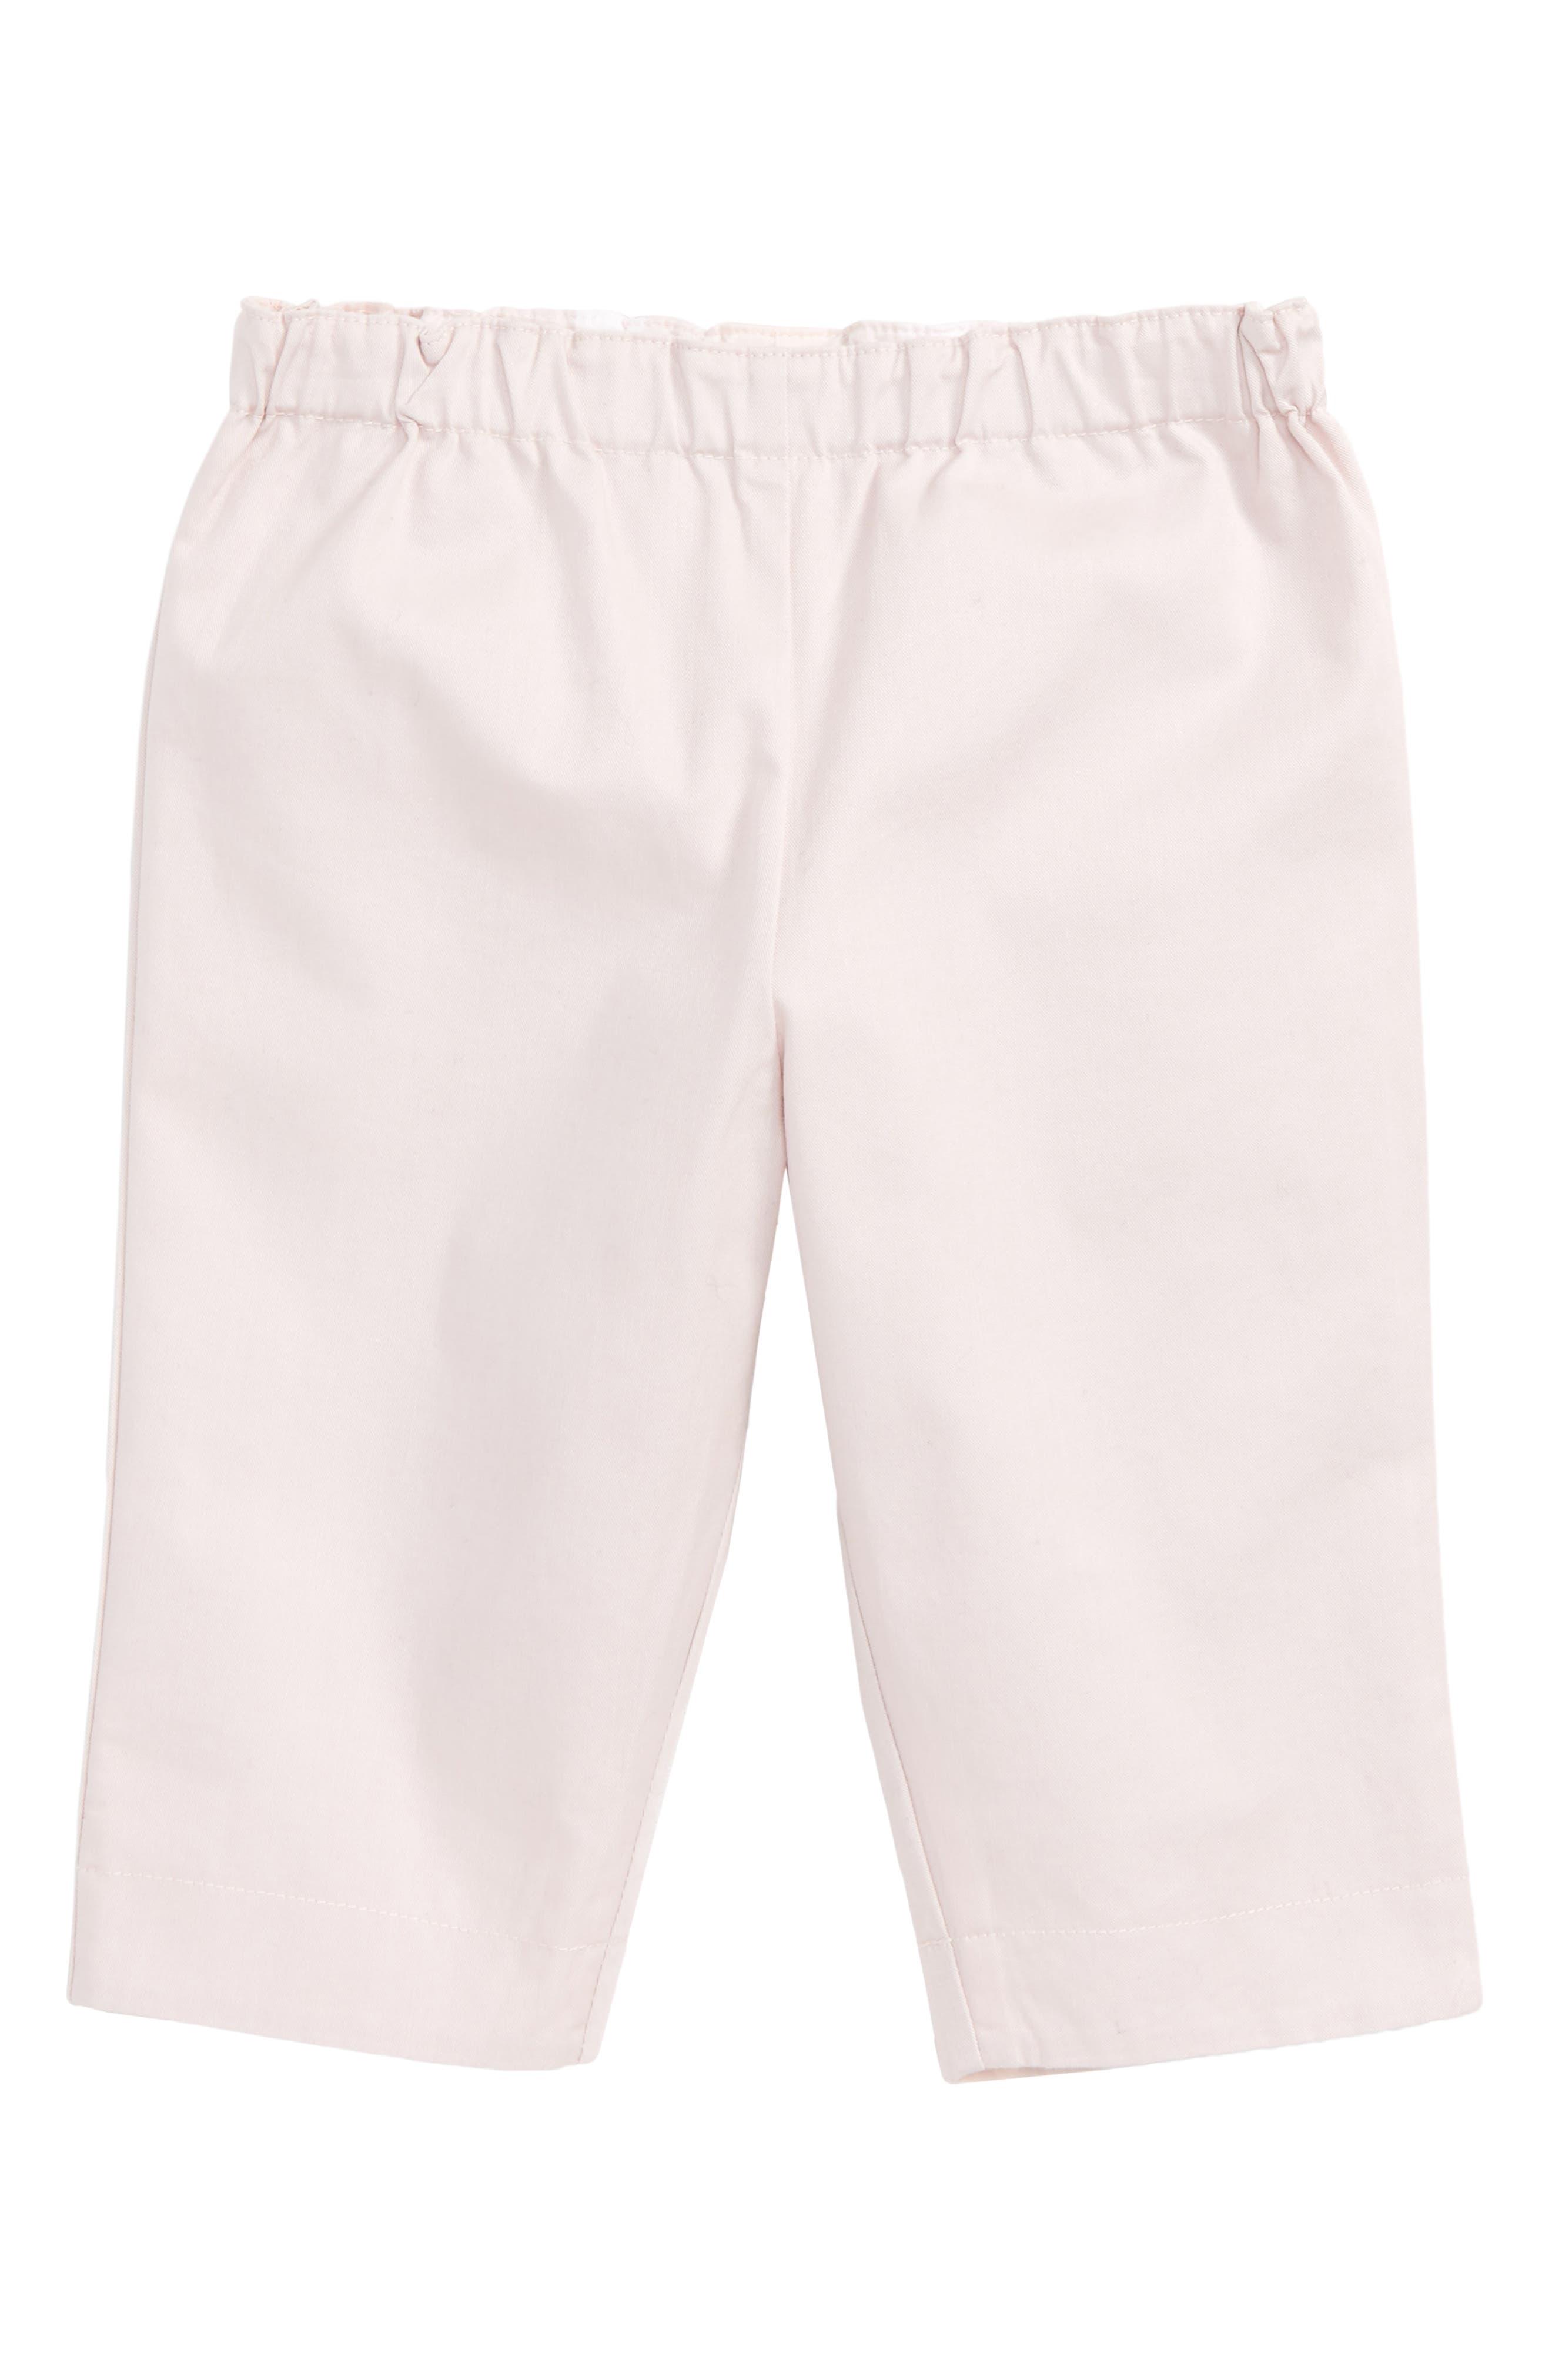 Darcy Pants,                             Main thumbnail 1, color,                             Light Pink